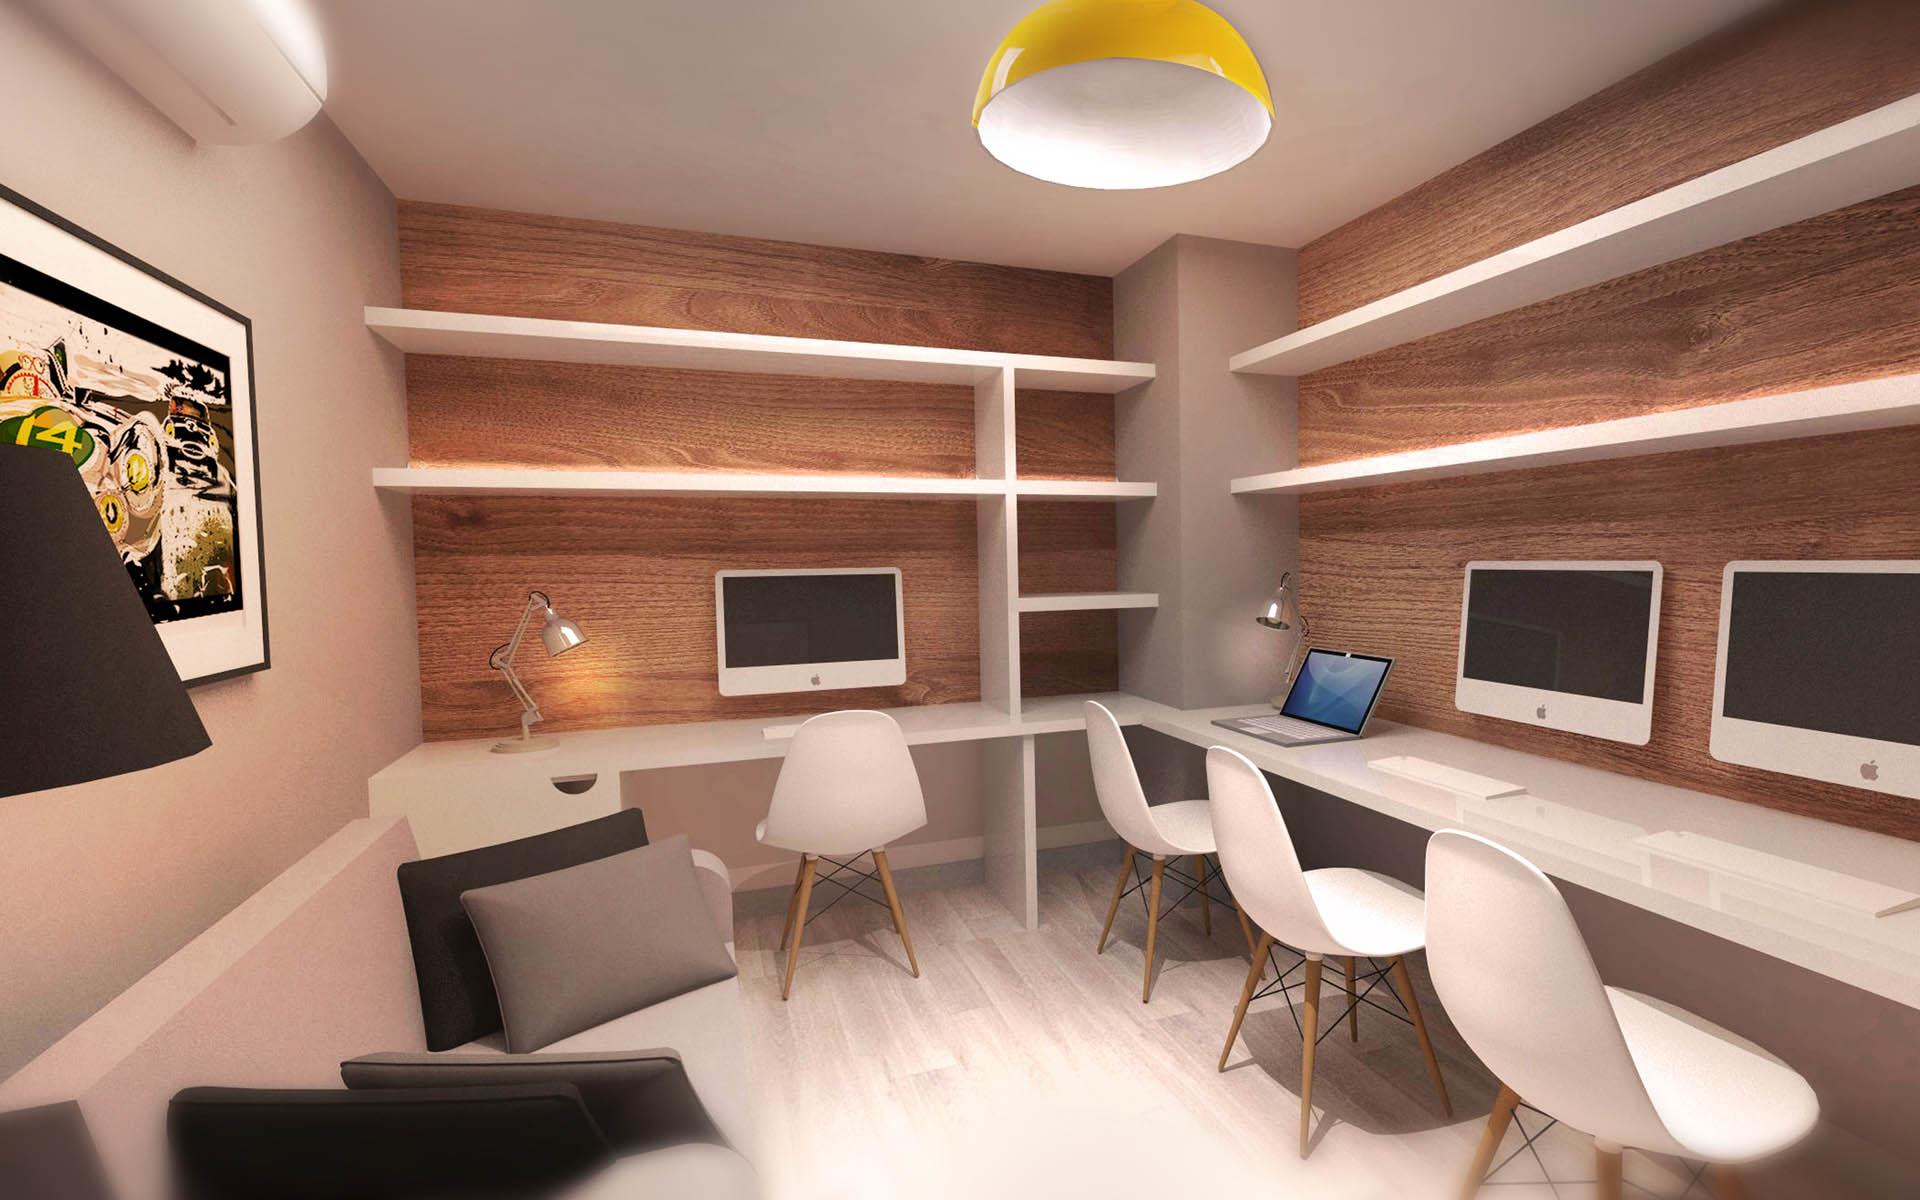 Projet d 39 int rieur d 39 un appartement bureau aix red - Interieur eclectique appartement sobrado studio ...